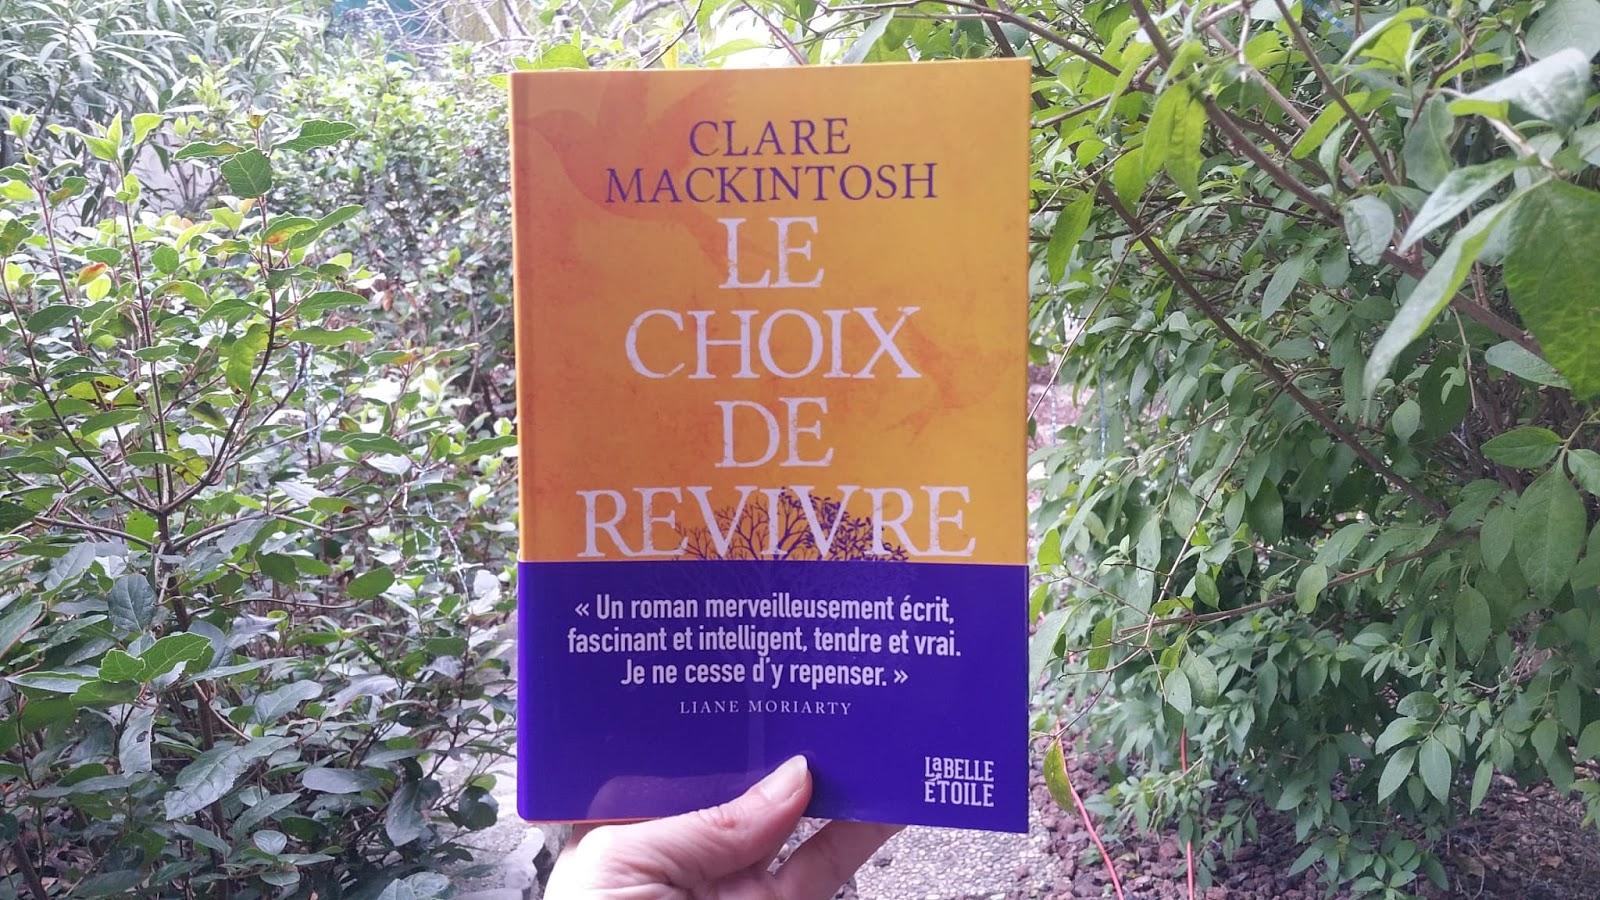 Le choix de revivre Clare Mackintosh Editions Marabout chronique littéraire